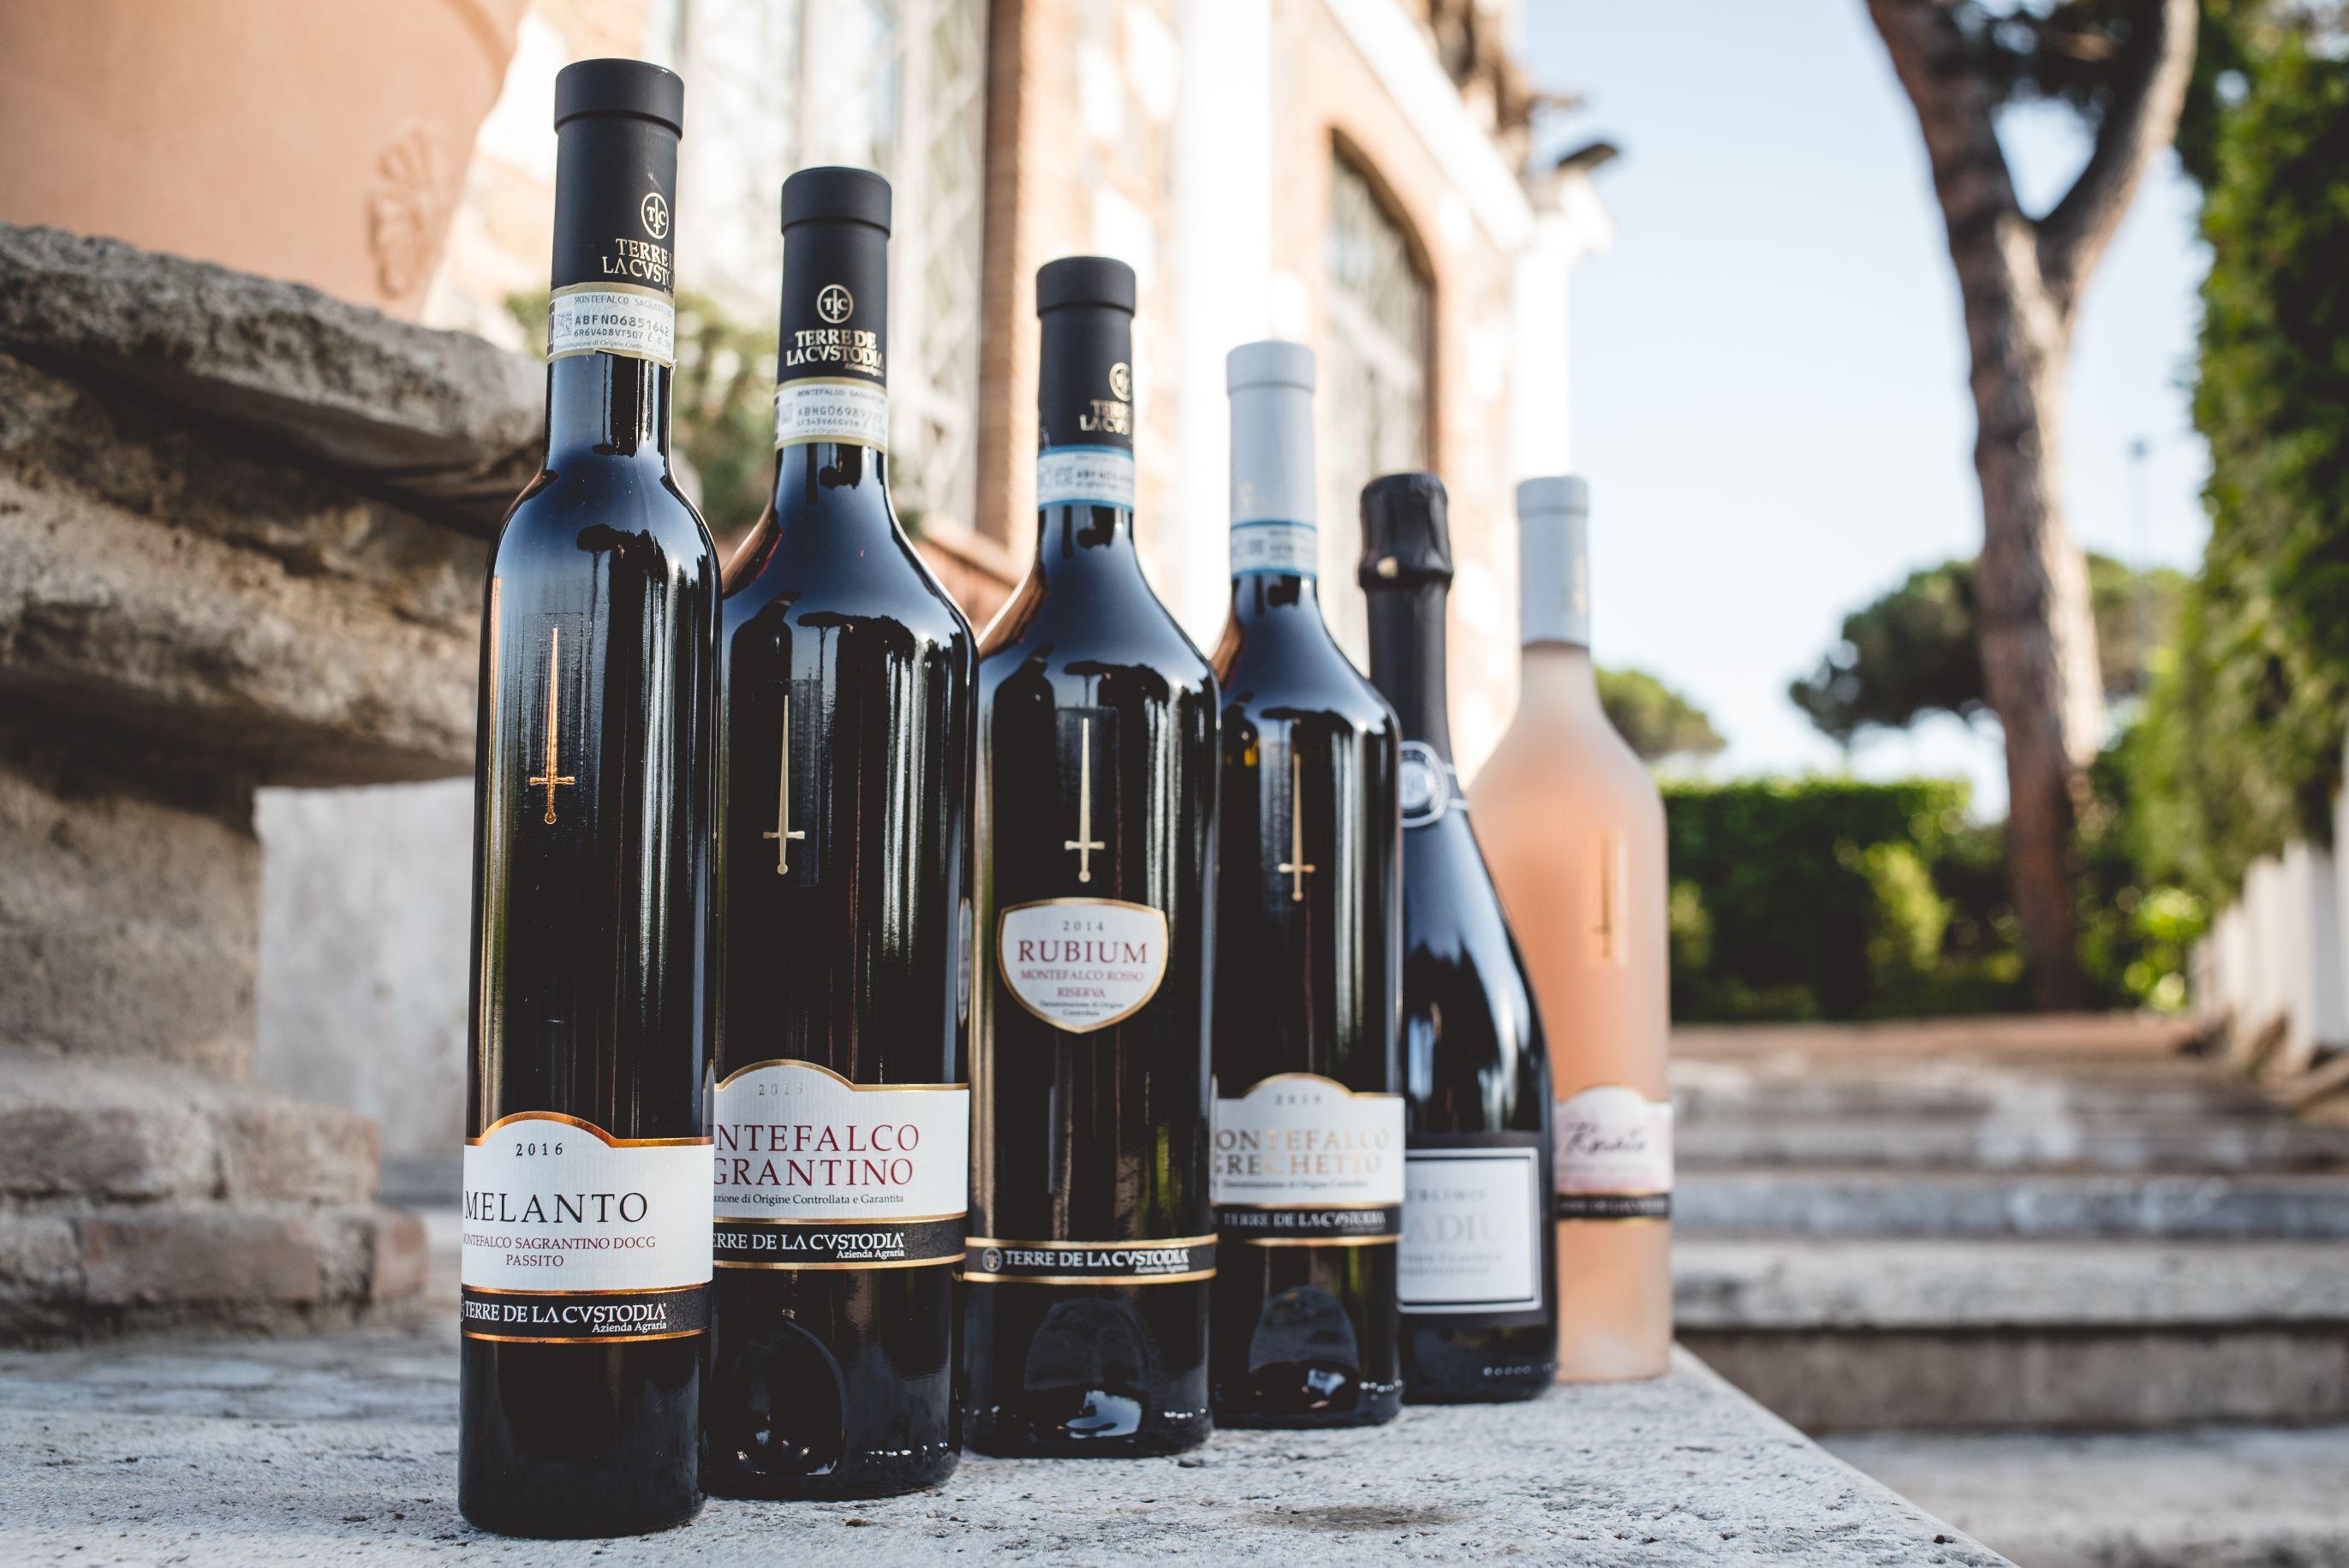 Terre de La Custodia presenta a Roma la nuova linea di vini dedicata all'horeca